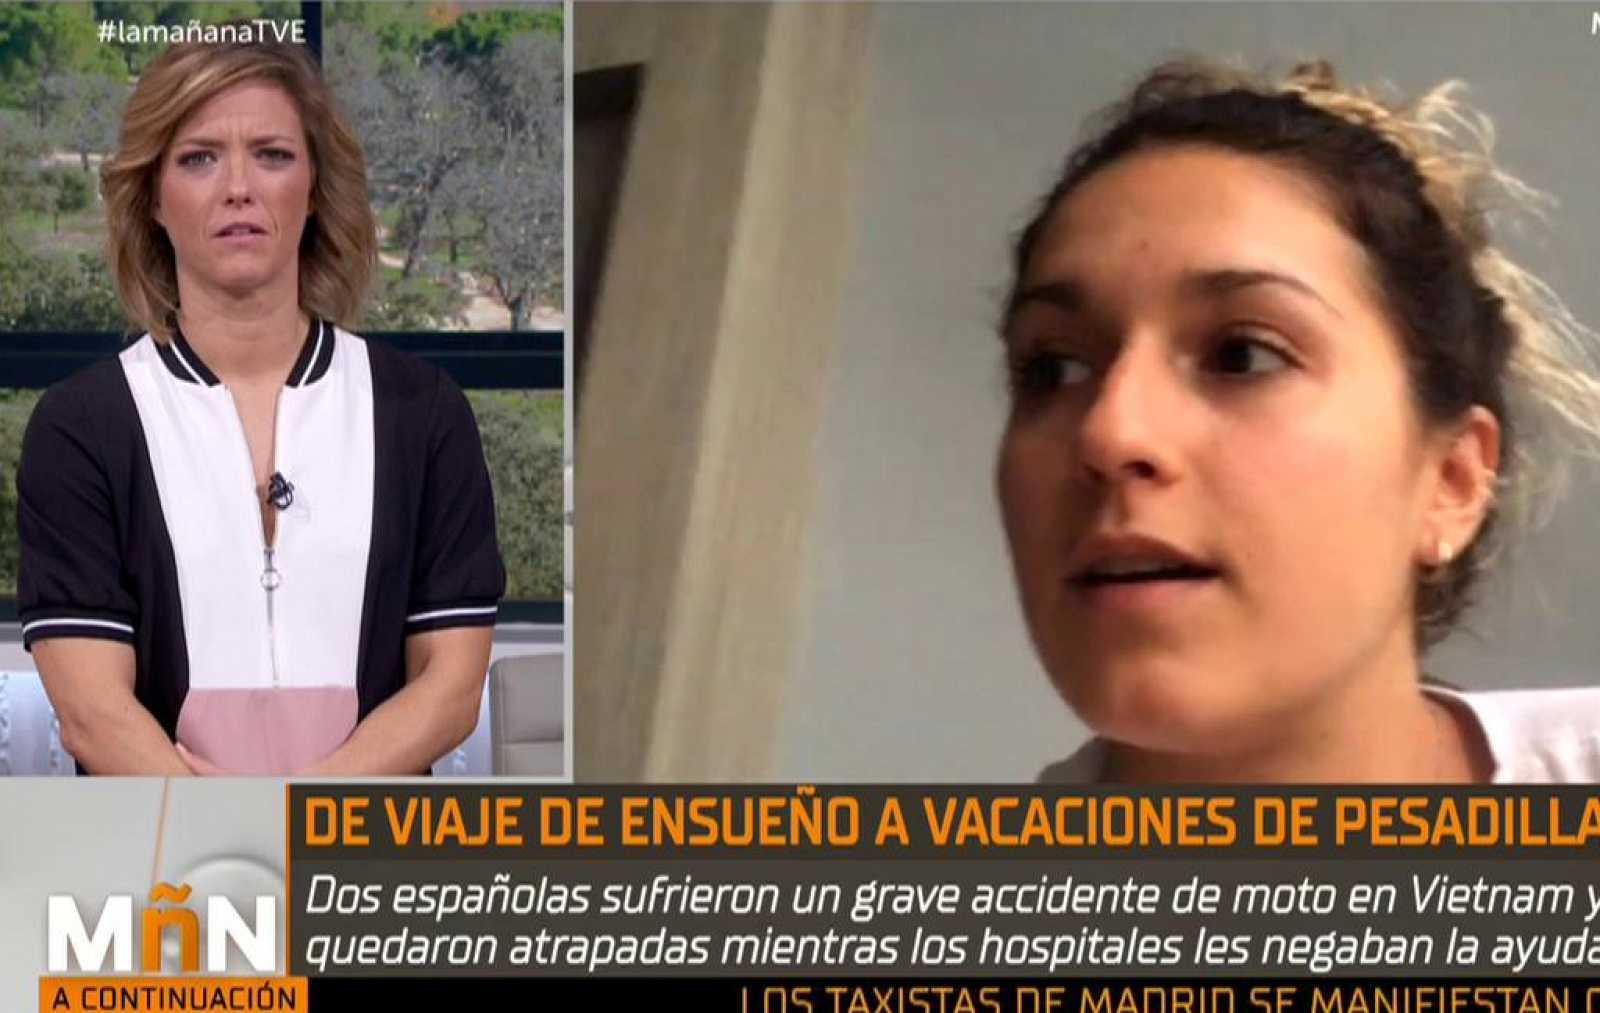 La Mañana - Videollamada de María Valverde y Noelia Traid